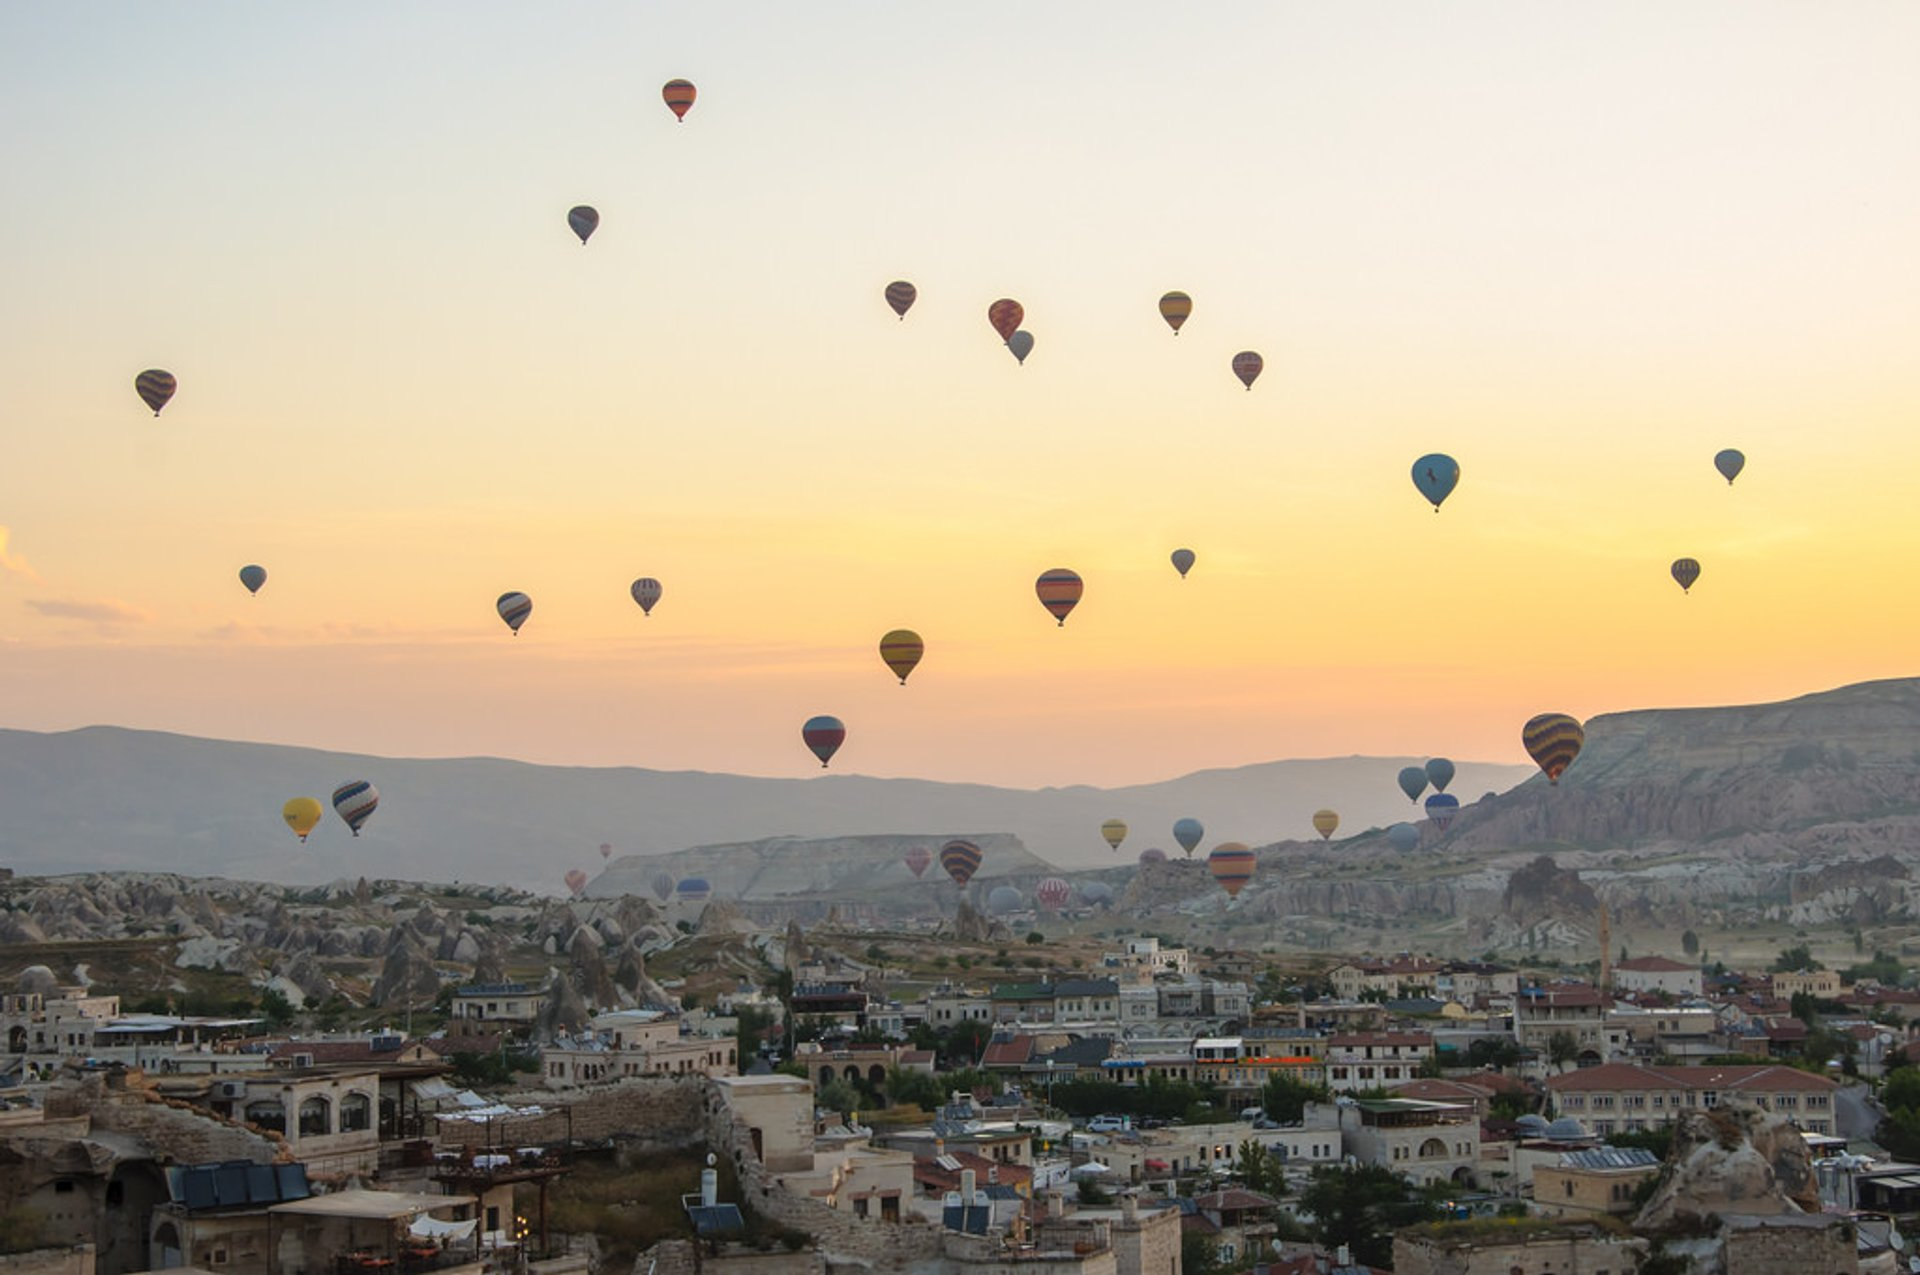 Ballooning Сhallenge in Cappadocia - Best Season 2020